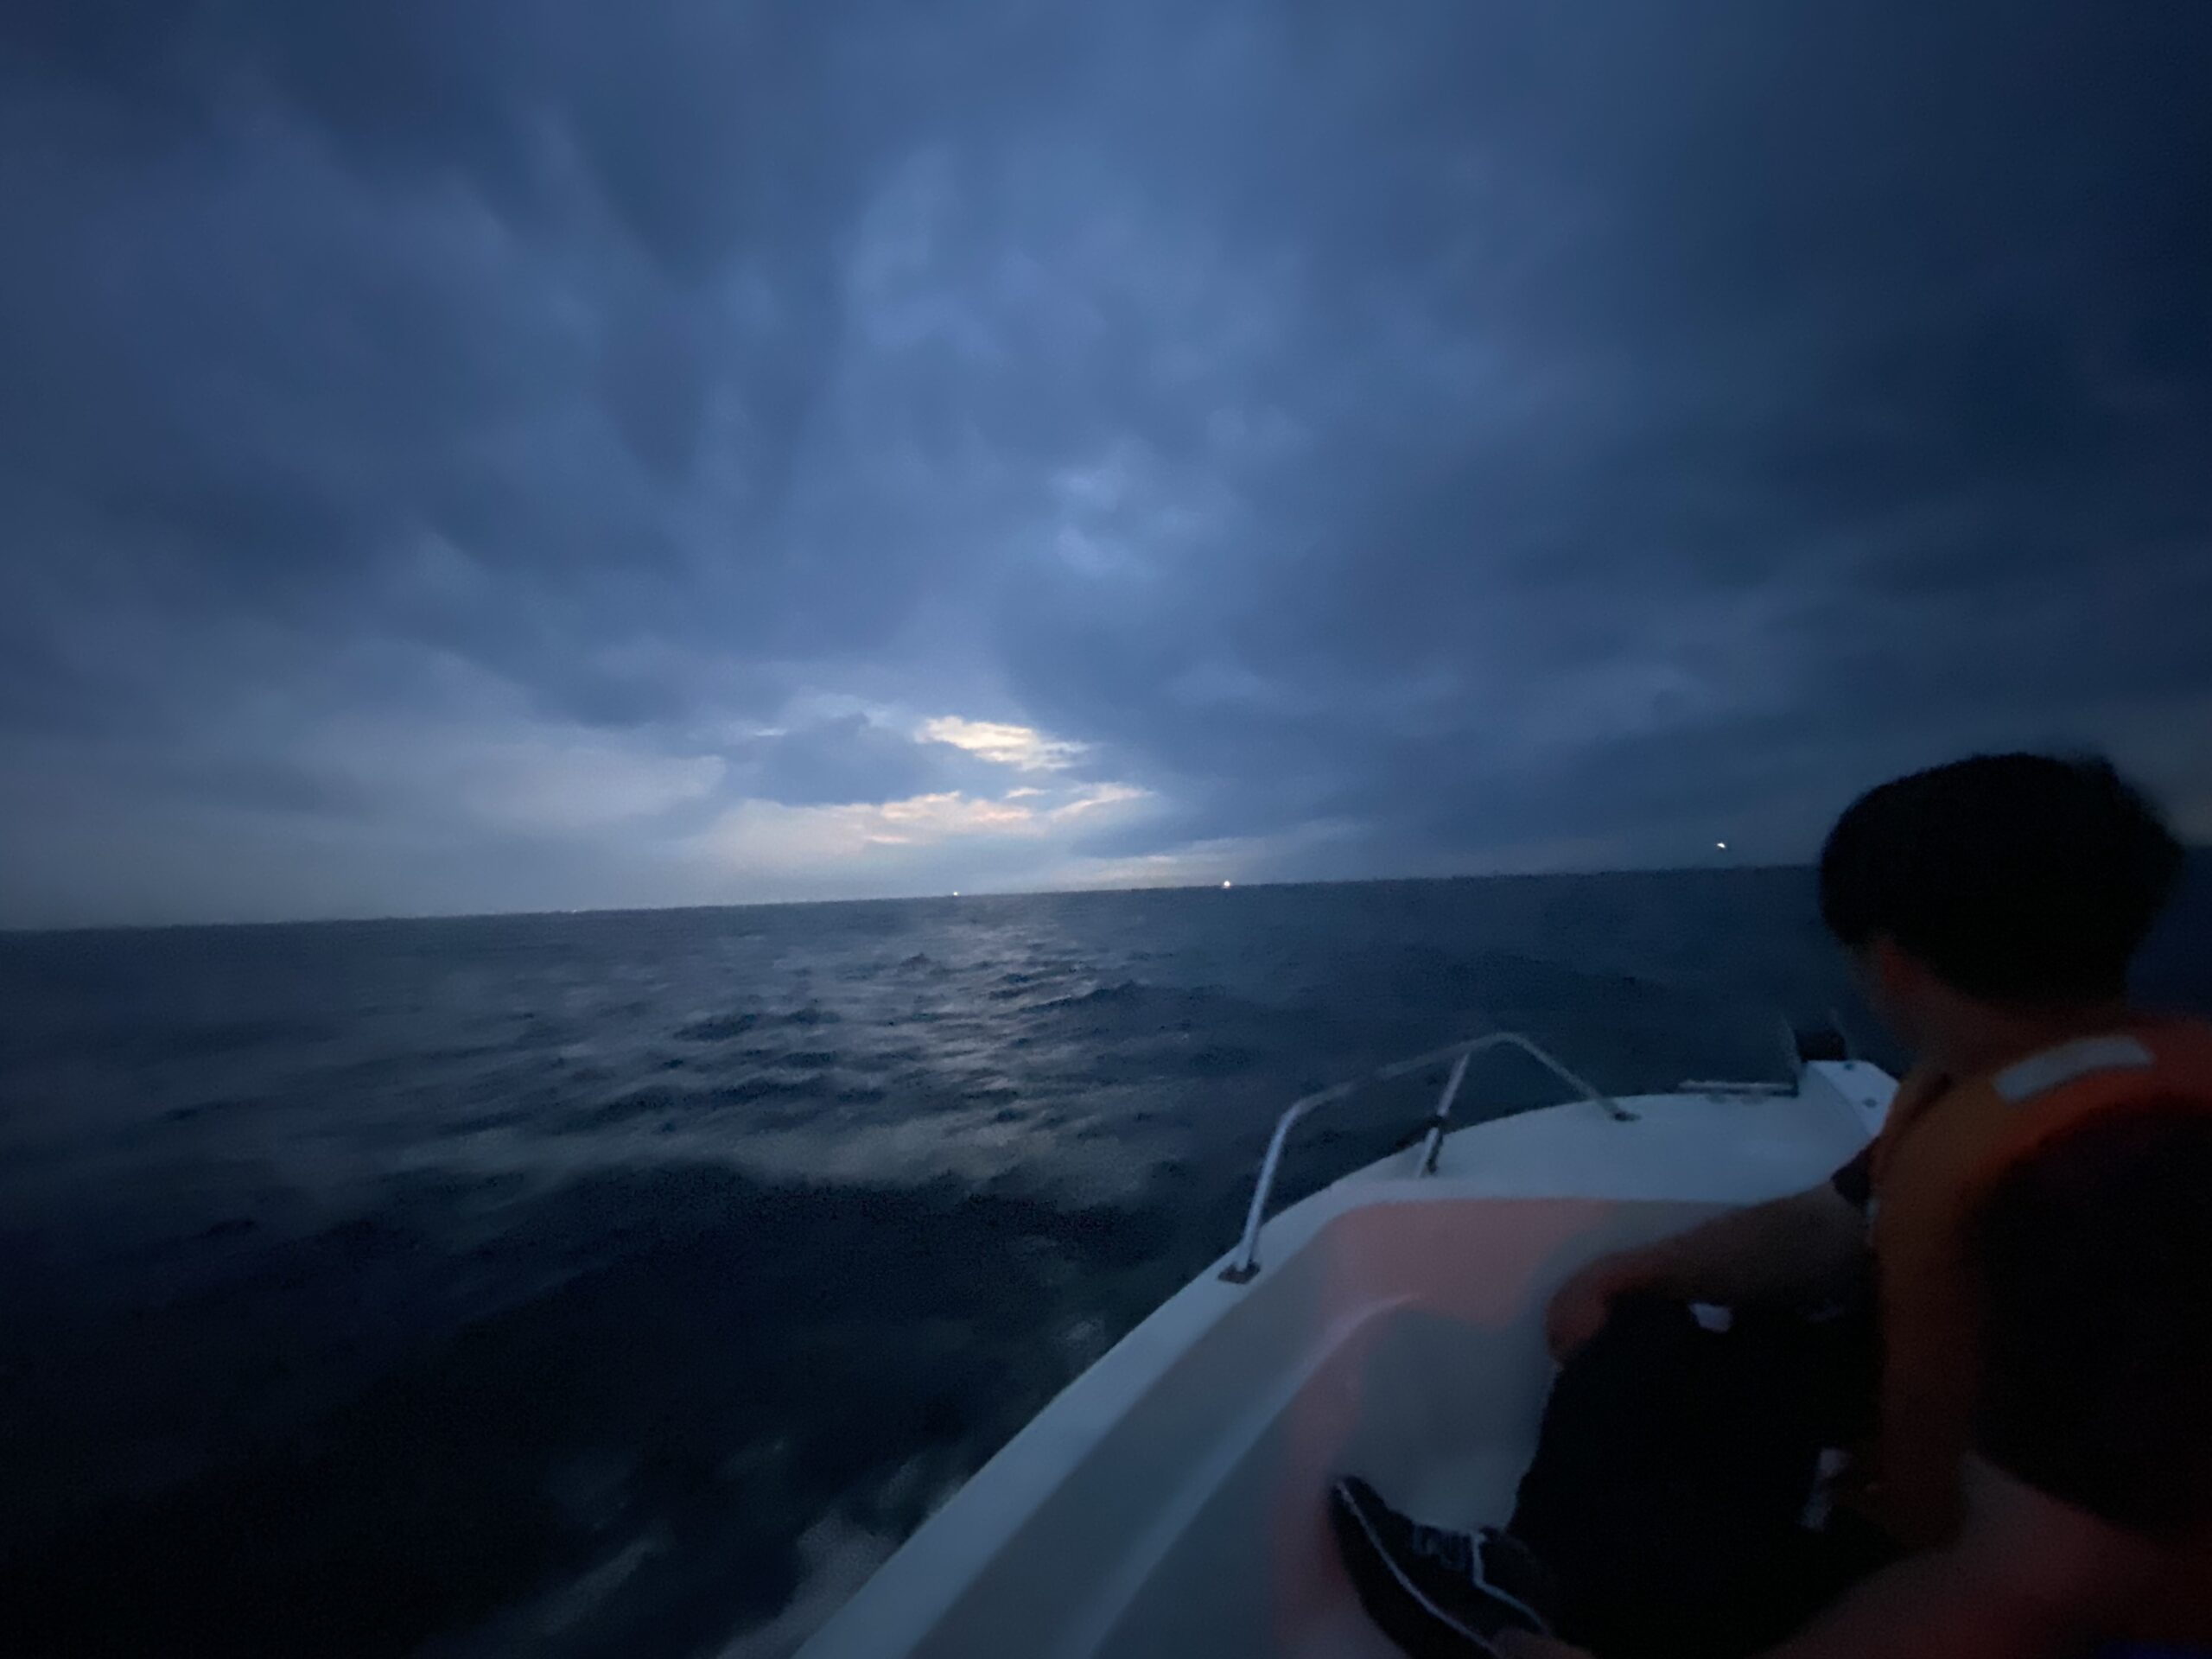 初めて釣りをする初心者の友達と船釣り! 尺アジ入れ食い!